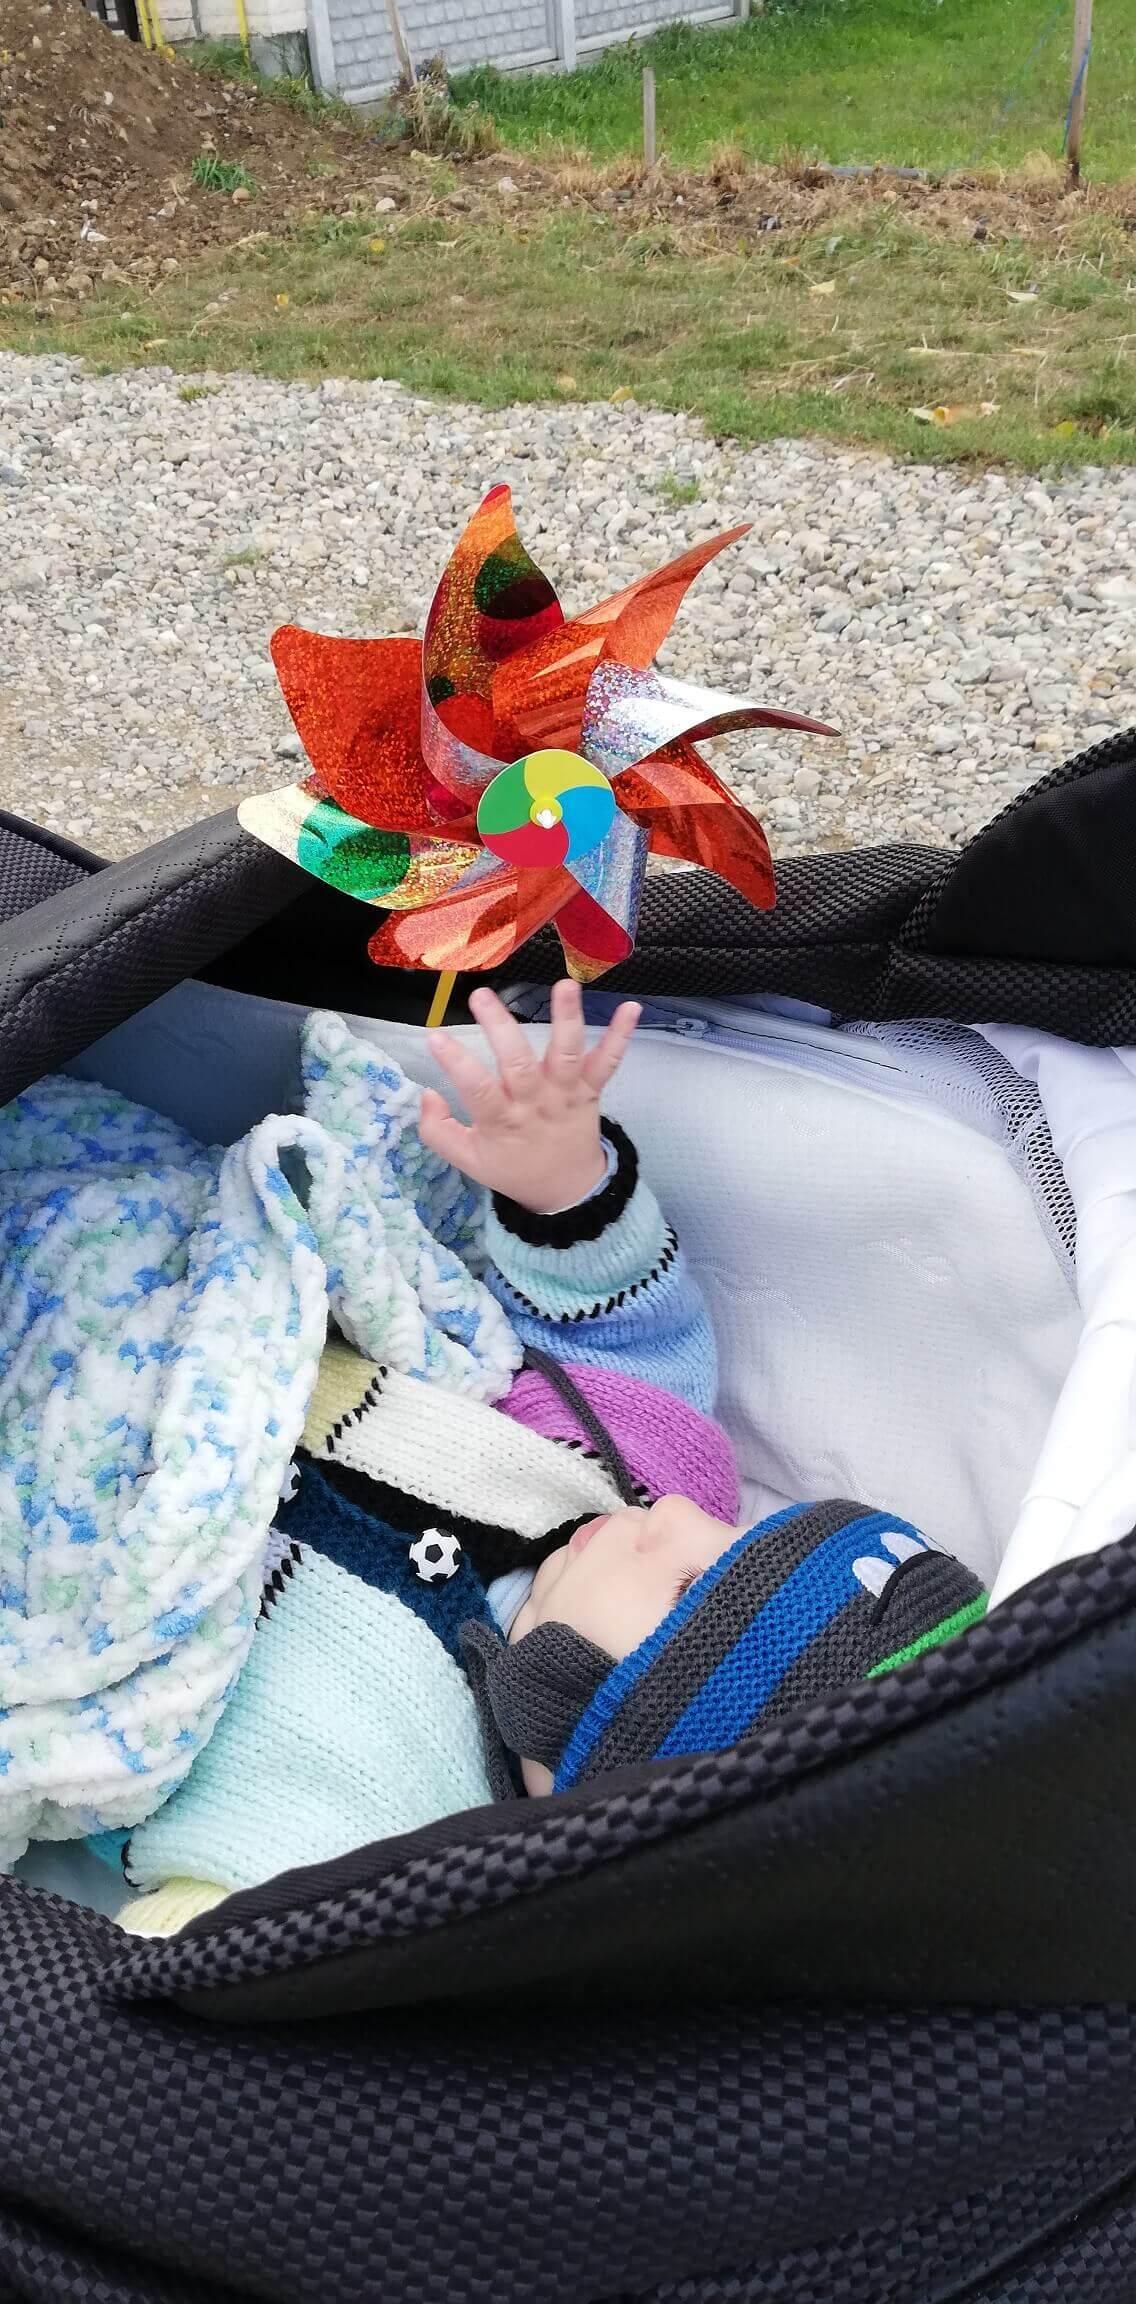 activitati-bebelusi-5-luni-morisca-vant